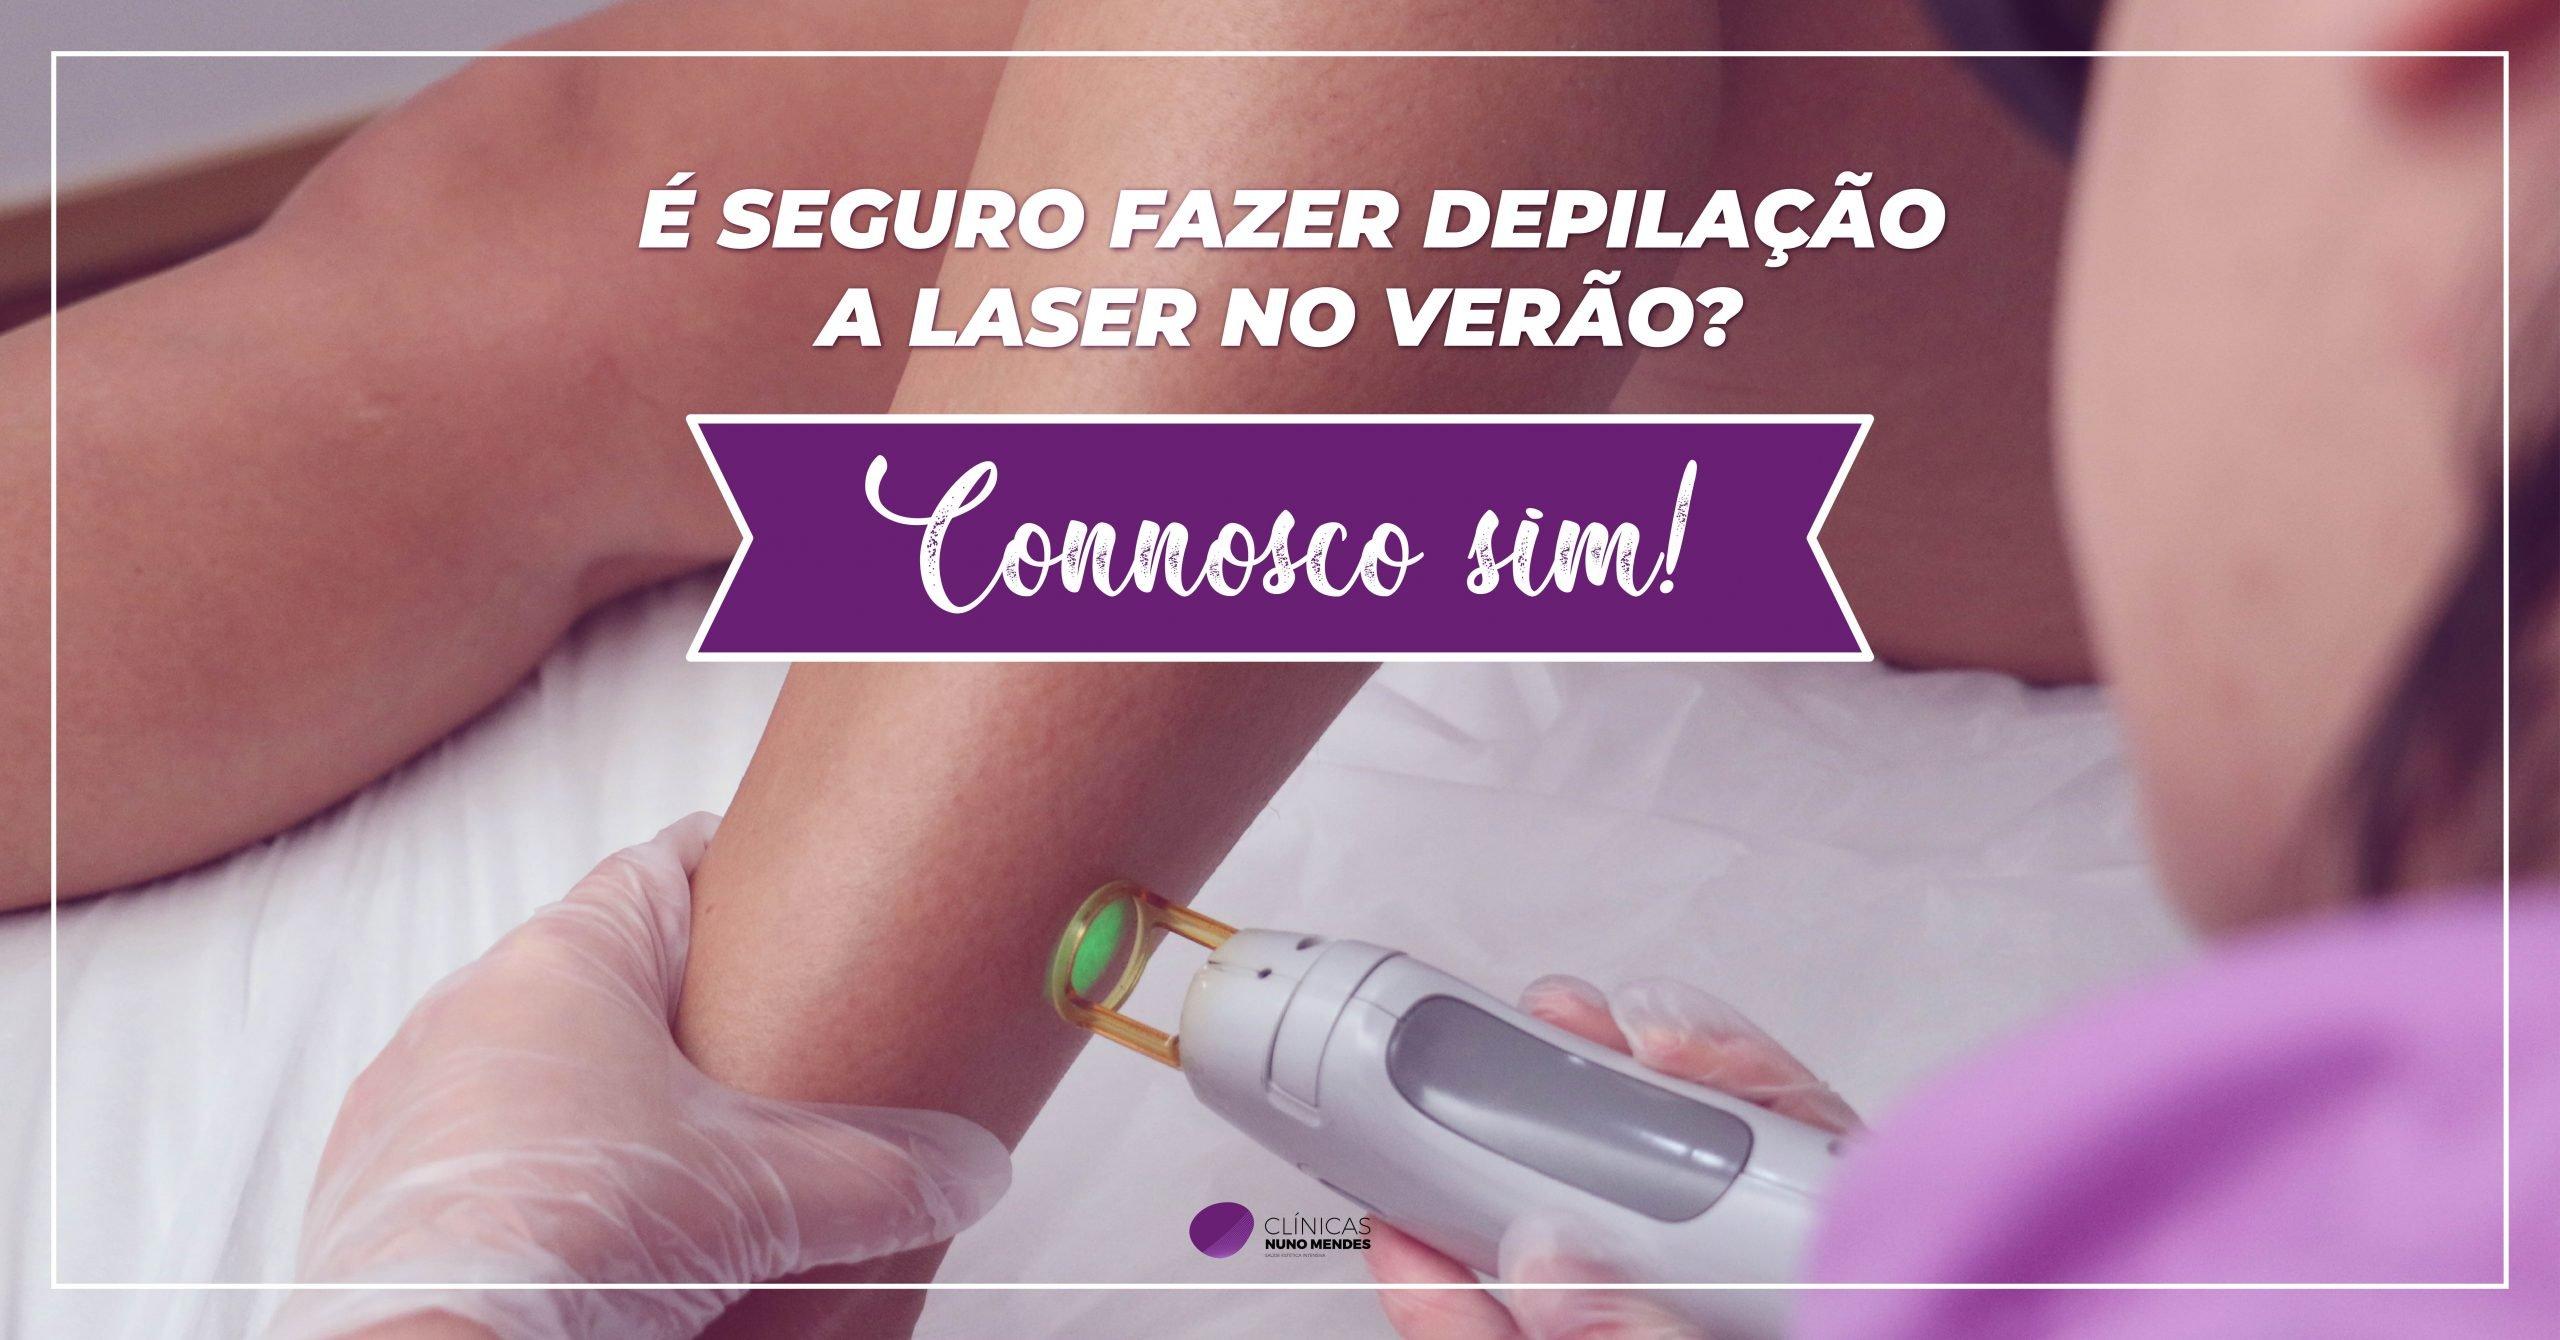 É seguro fazer depilação a laser no Verão? Connosco SIM!